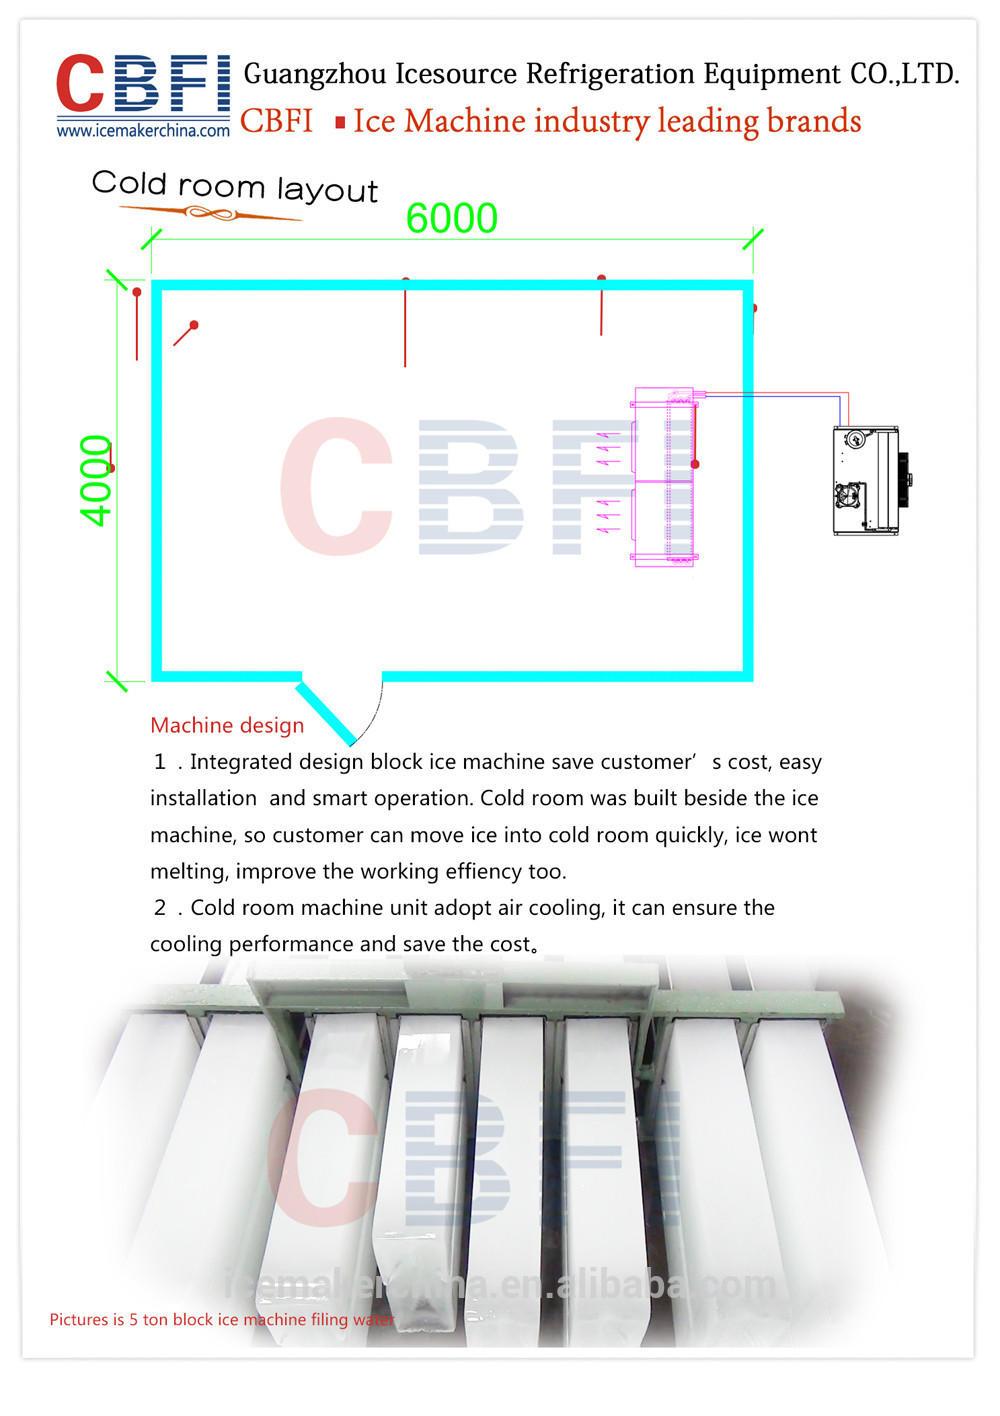 CBFI 20 Tons Block Ice Machine In Sudan